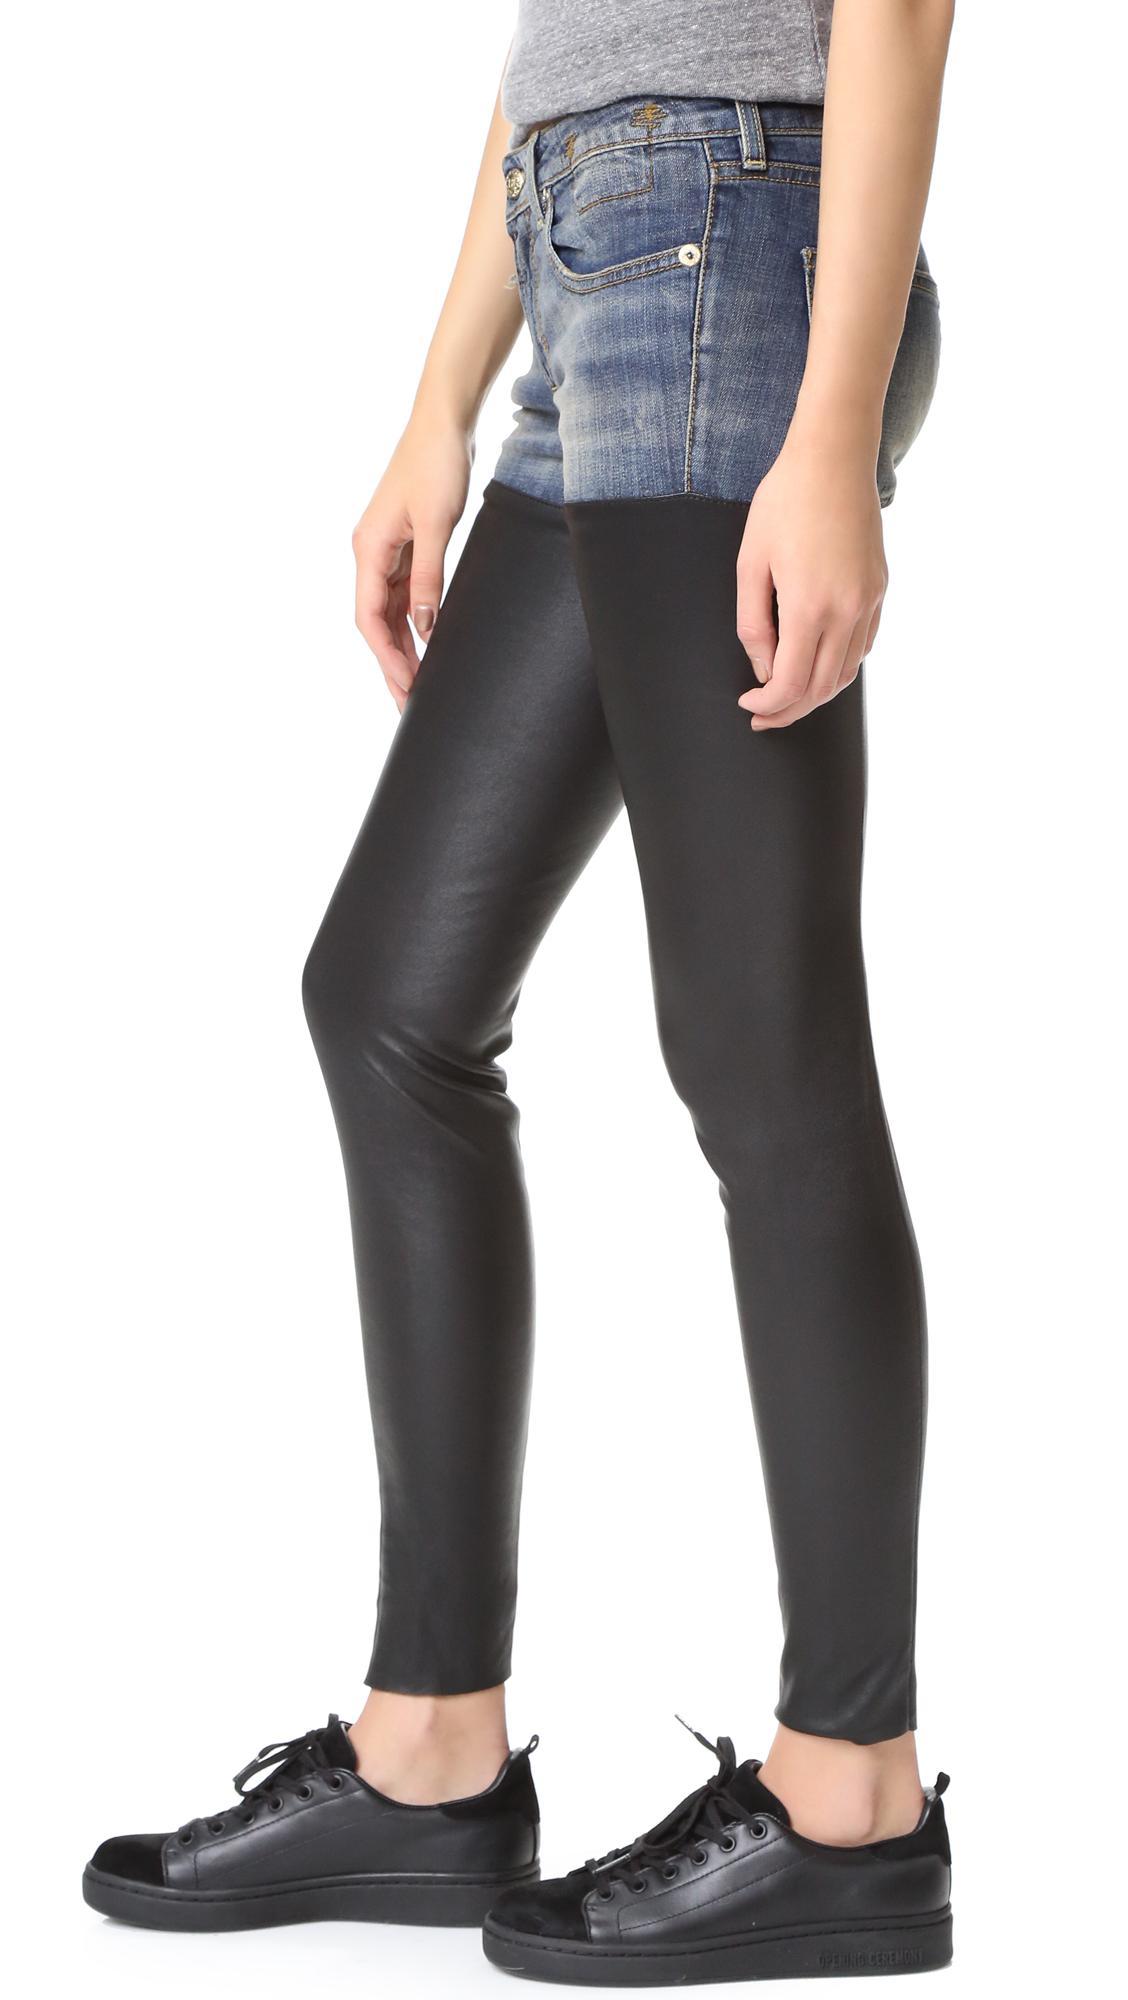 Milf with denim legging